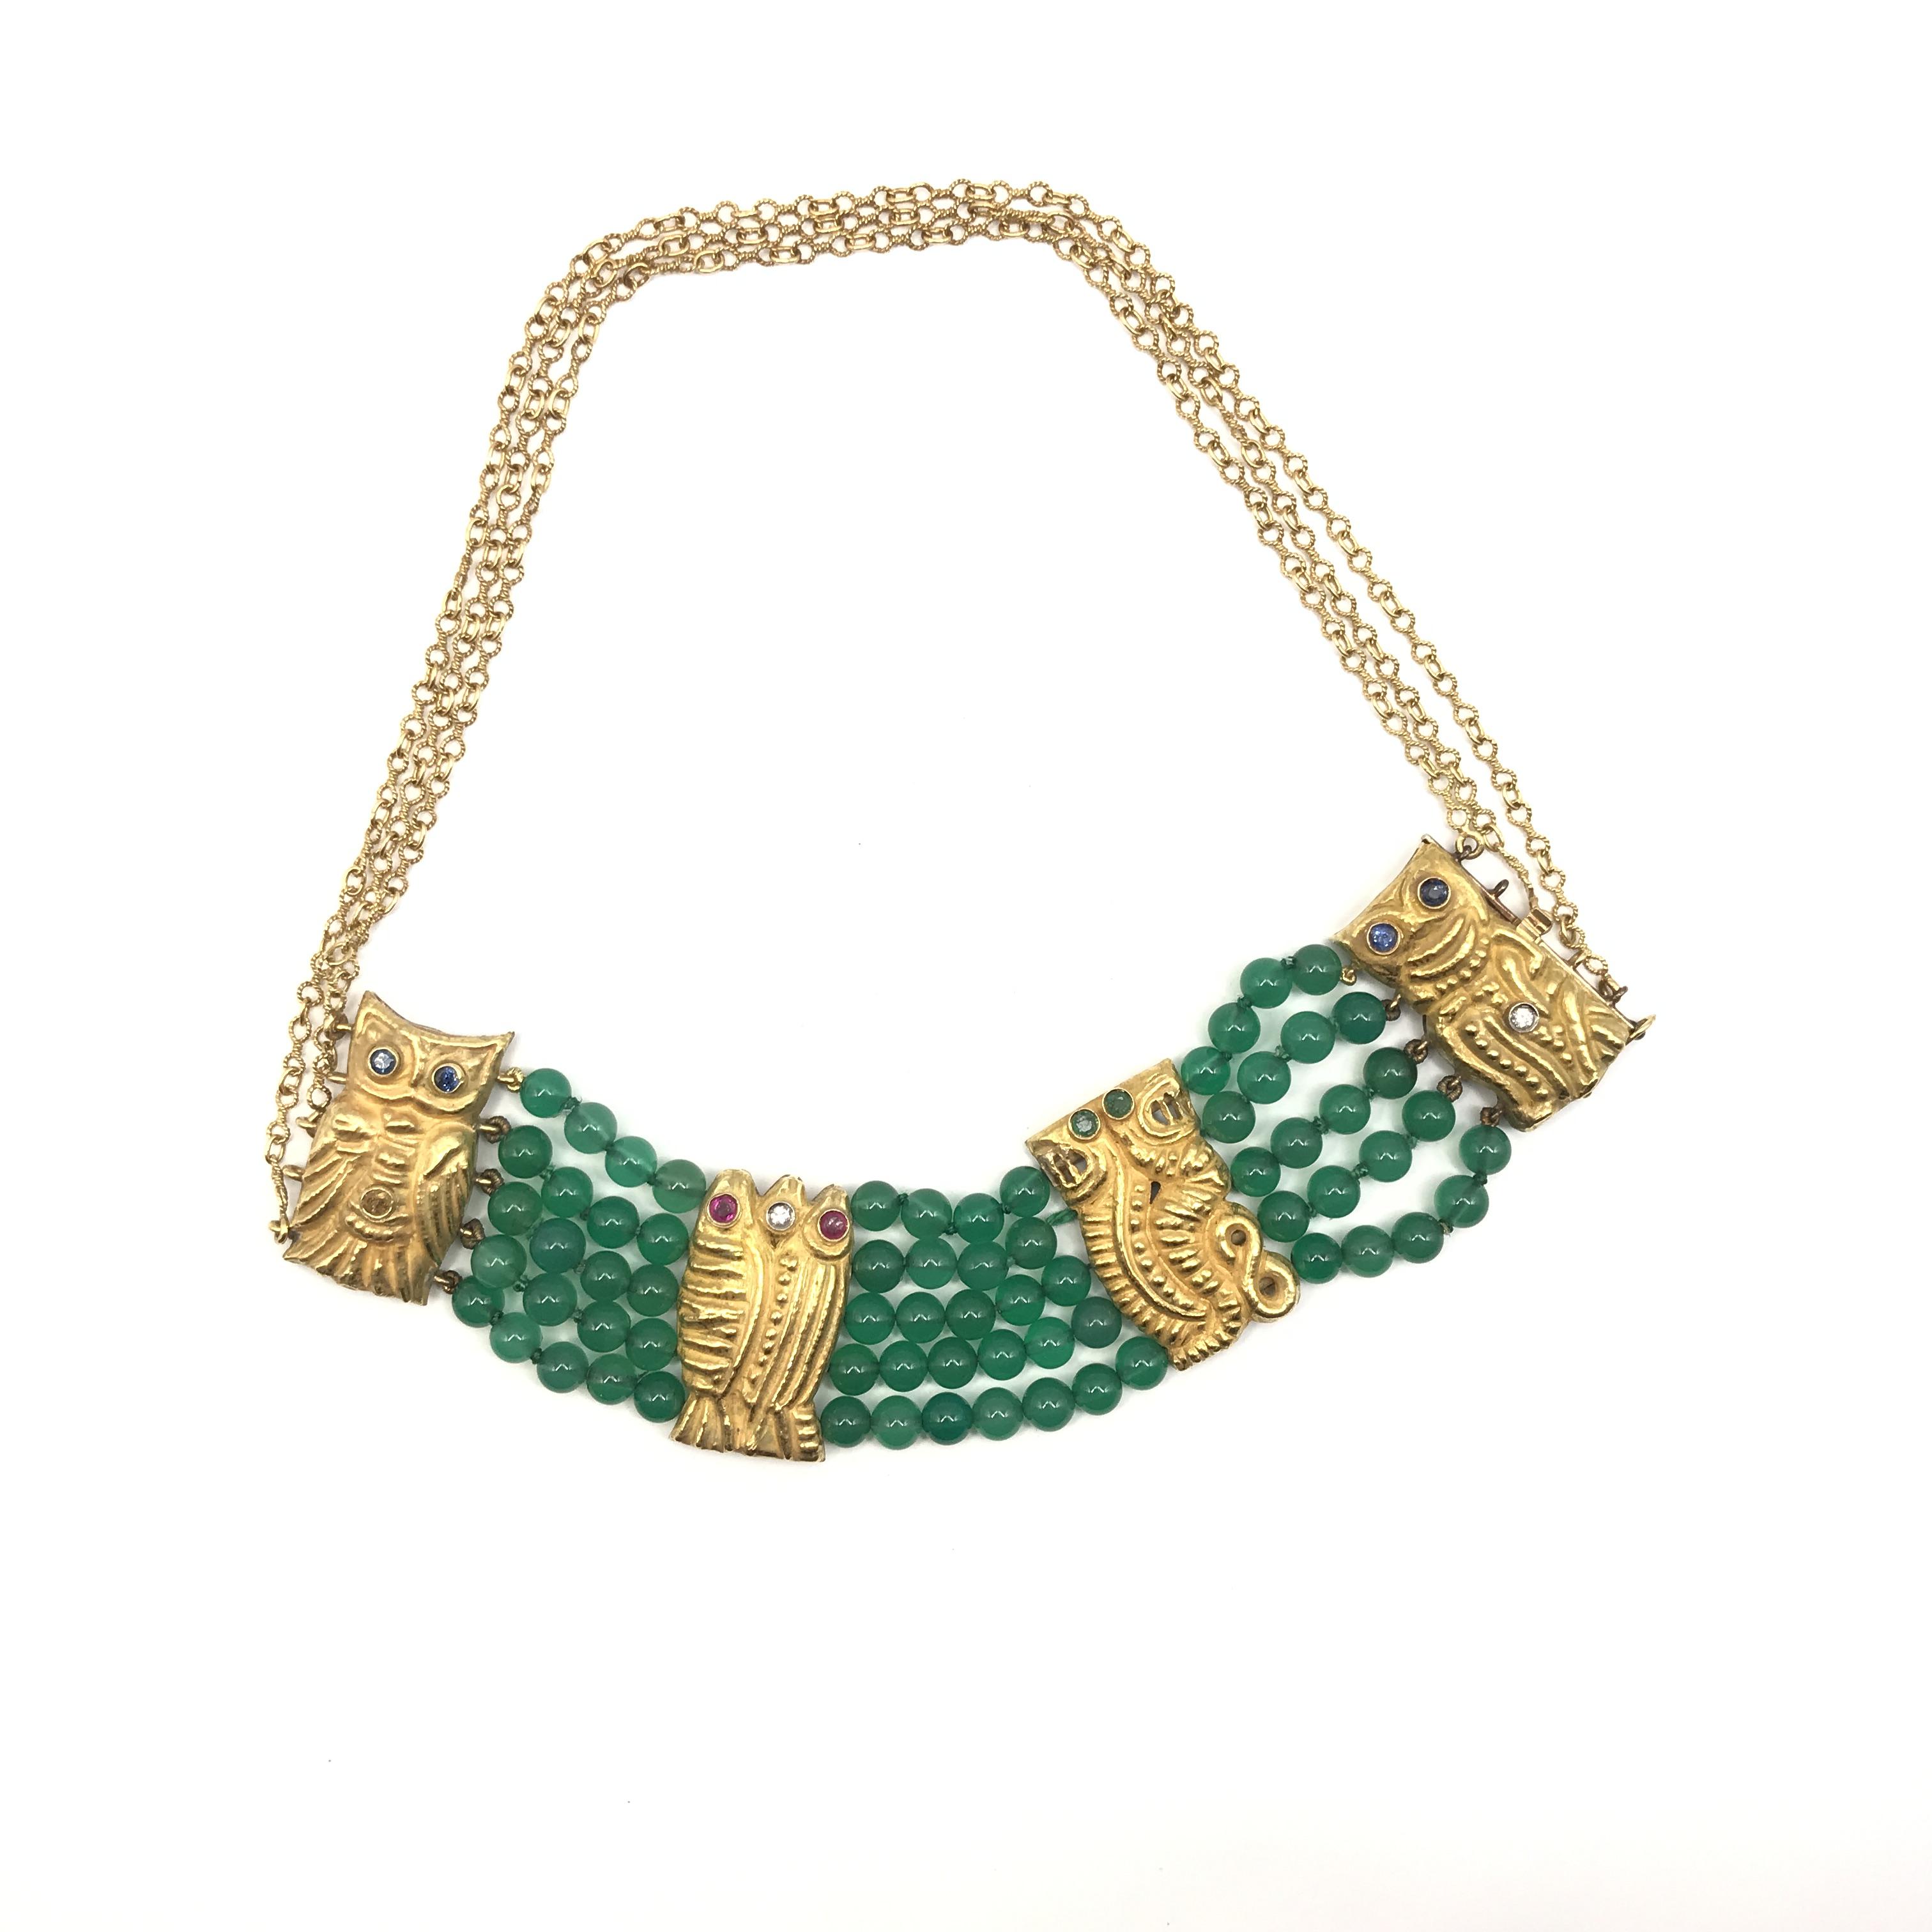 in oro 18kt, rubini, zaffiri, smeraldi, diamanti e crisoprasio